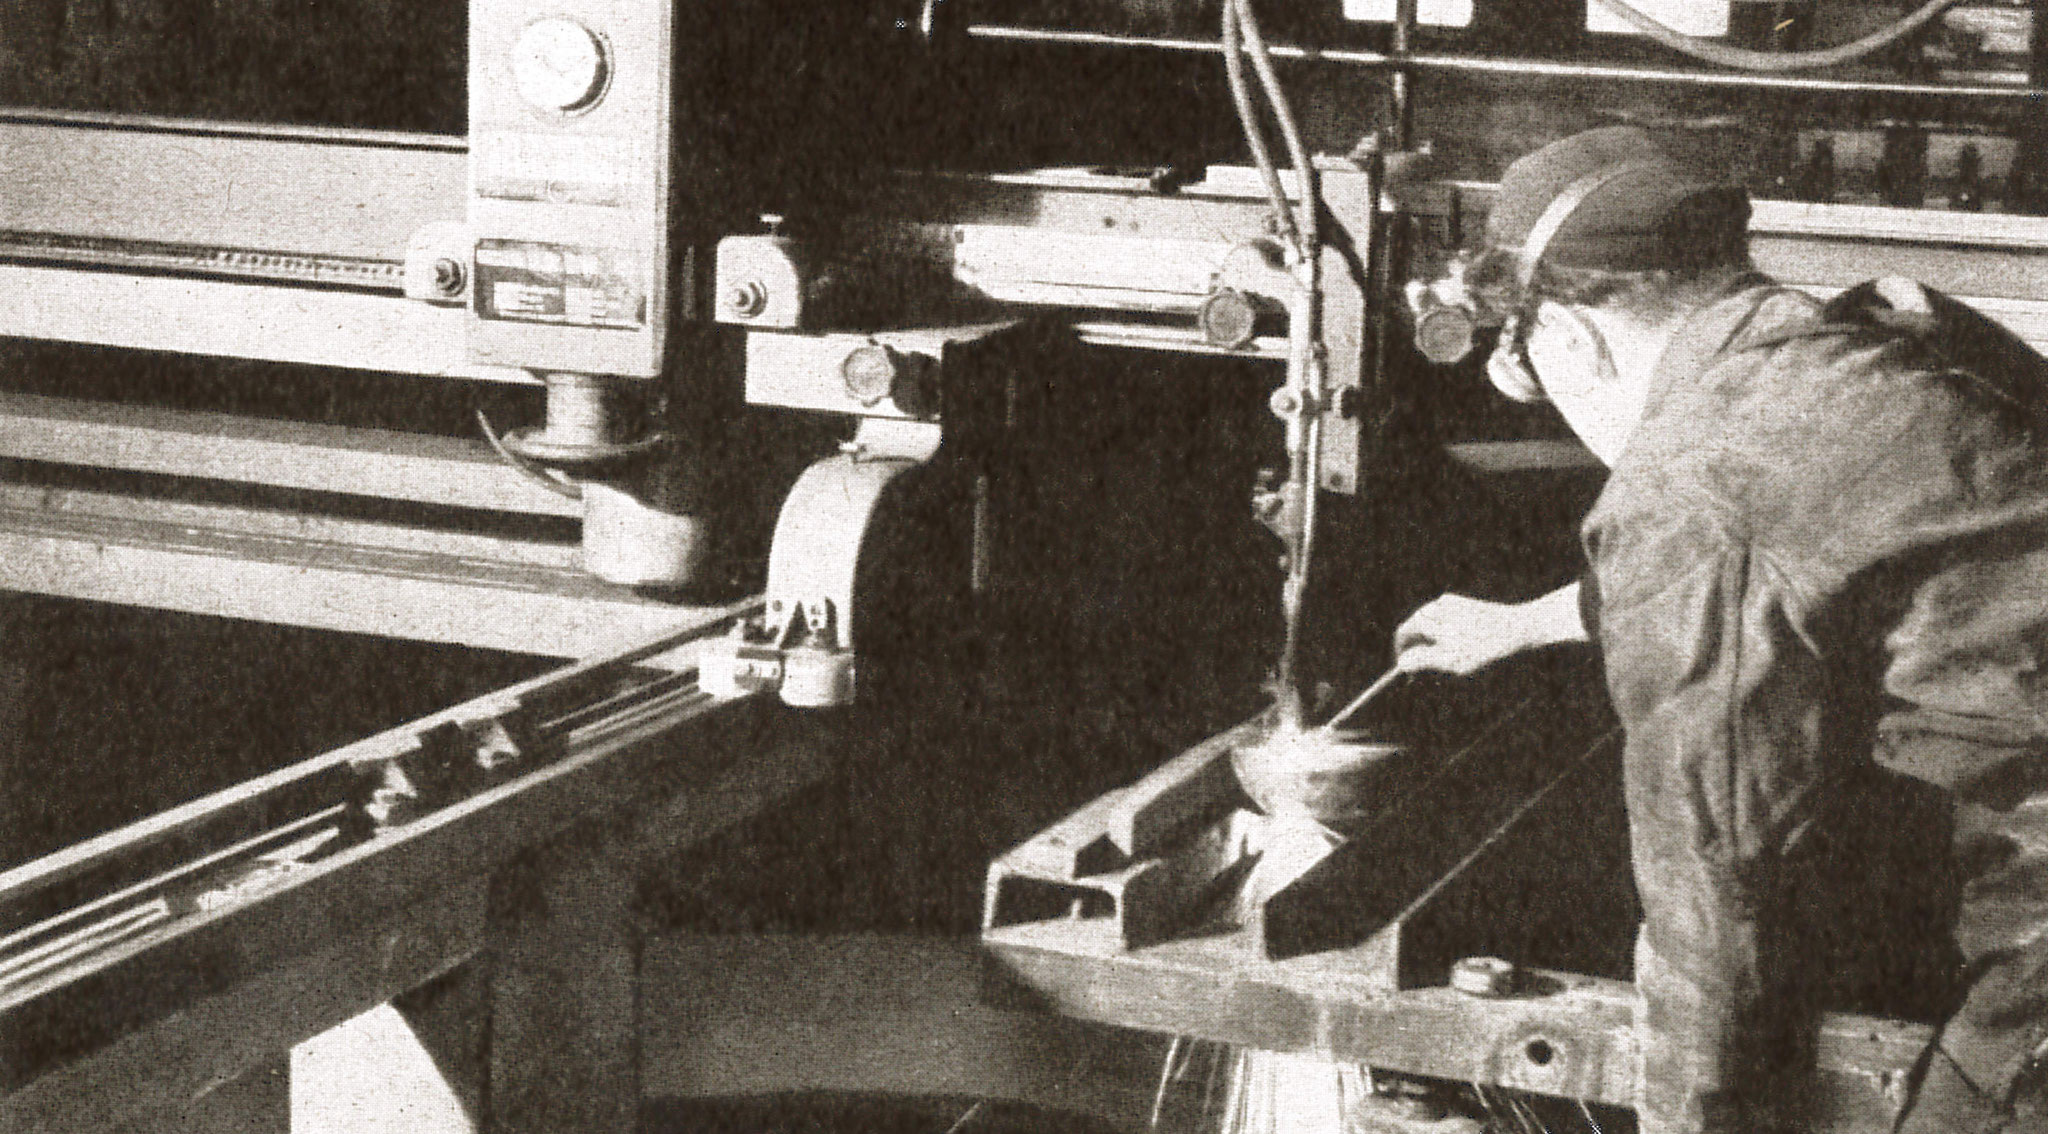 """Arbeit an der Polysek-Schneidmaschine (Quelle: """"50 Jahre RAW, 50 Jahre Arbeiterbewegung"""", Zwickau, 1958)"""